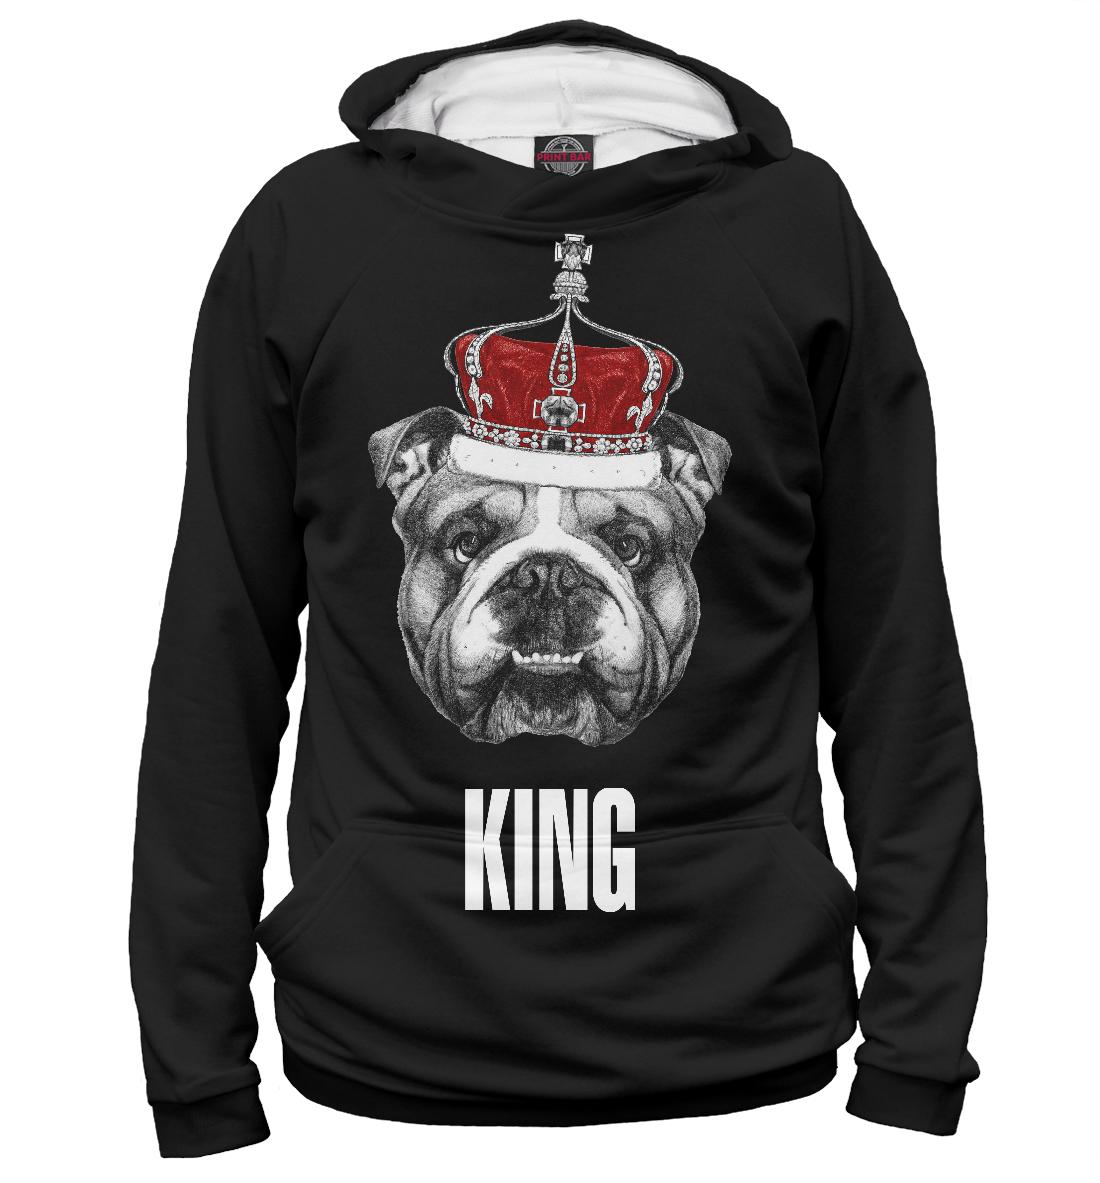 Английский бульдог с короной, Printbar, Худи, DOG-147814-hud-2  - купить со скидкой